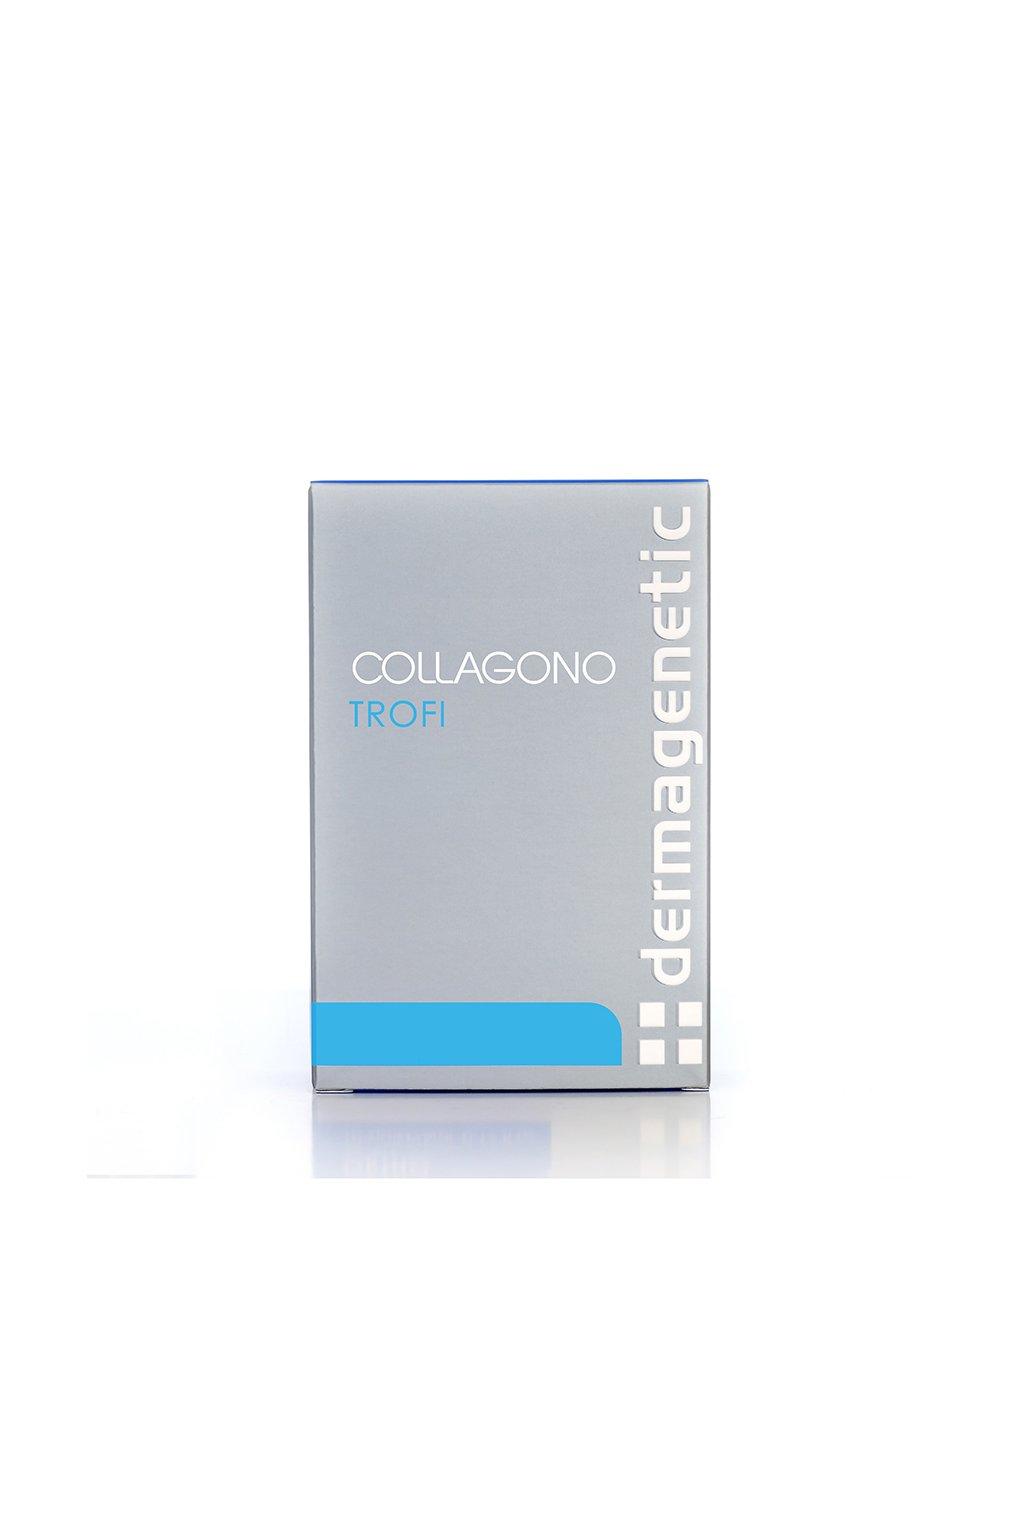 COLLAGONO 850